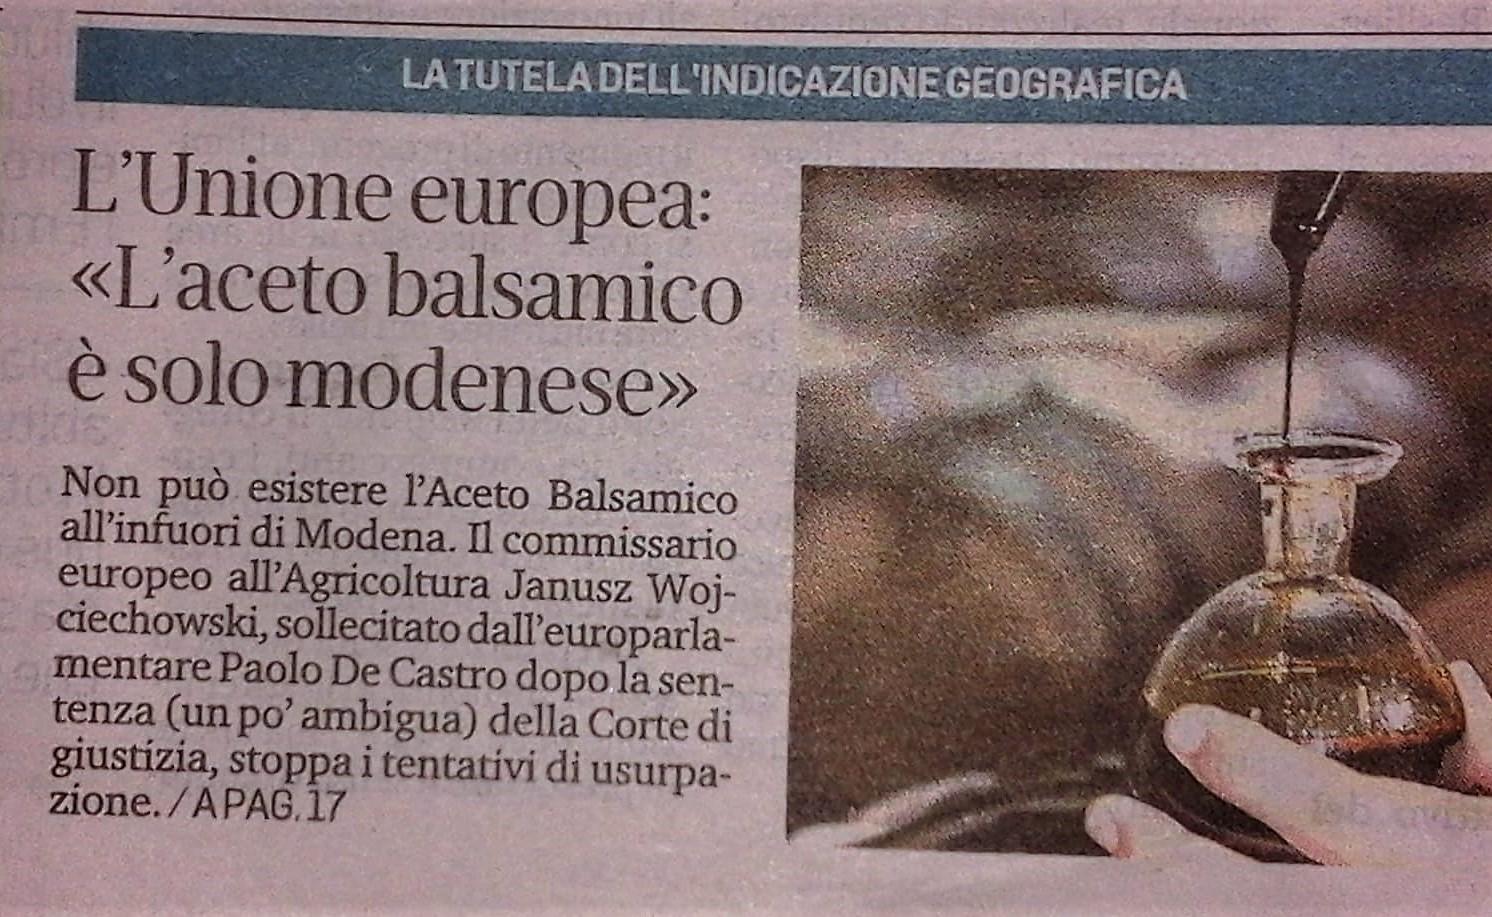 Unione Europea conferma la protezione dell'Aceto Balsamico IGP da evocazioni